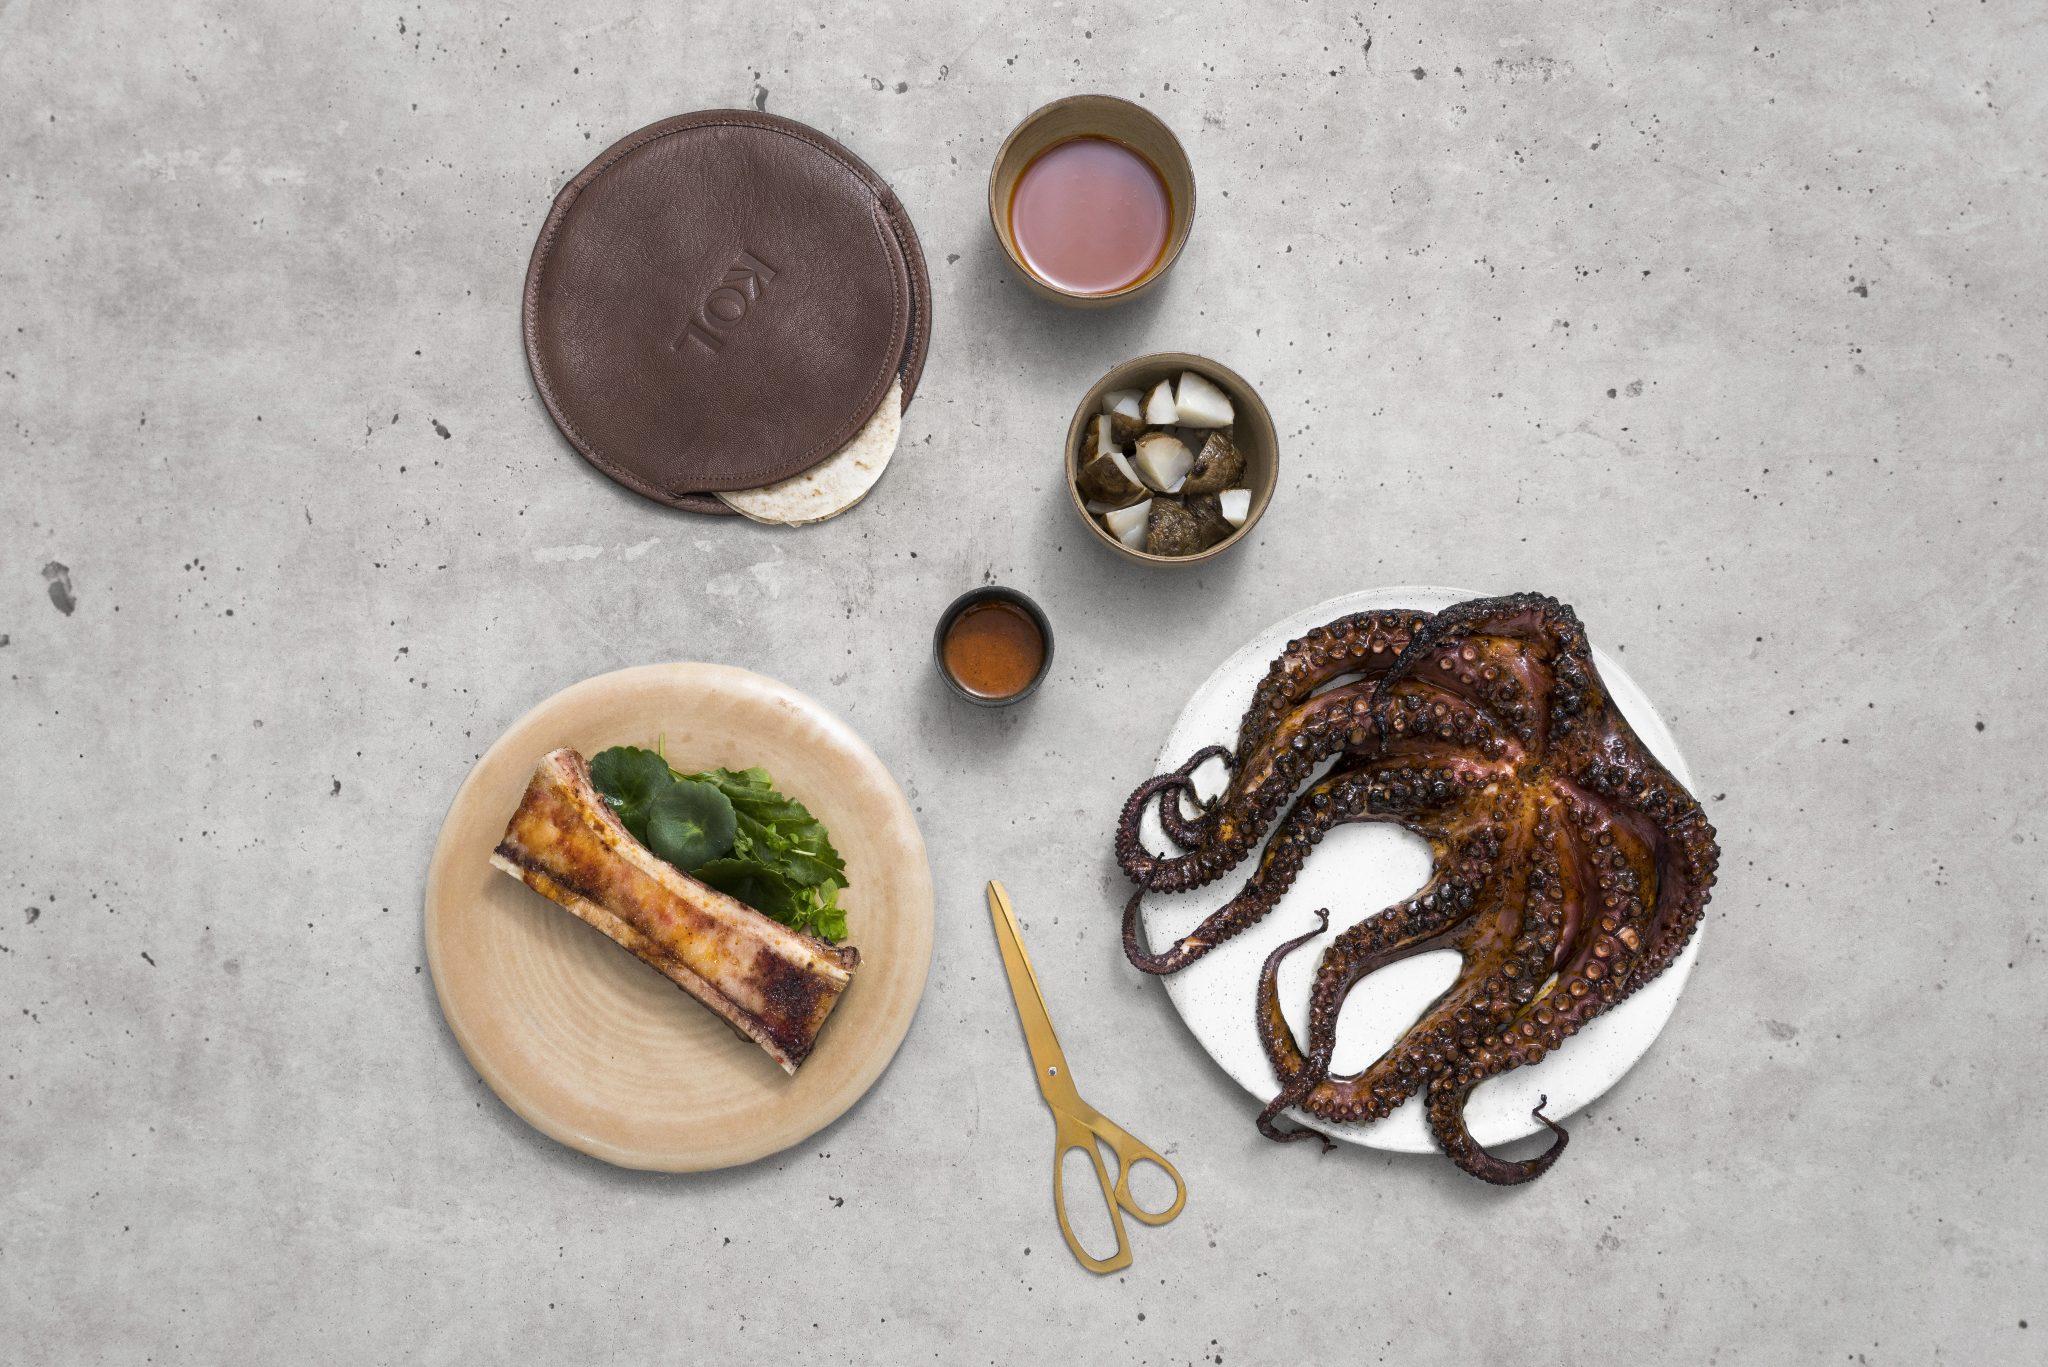 New restaurant openings KOL Seaweed octopus